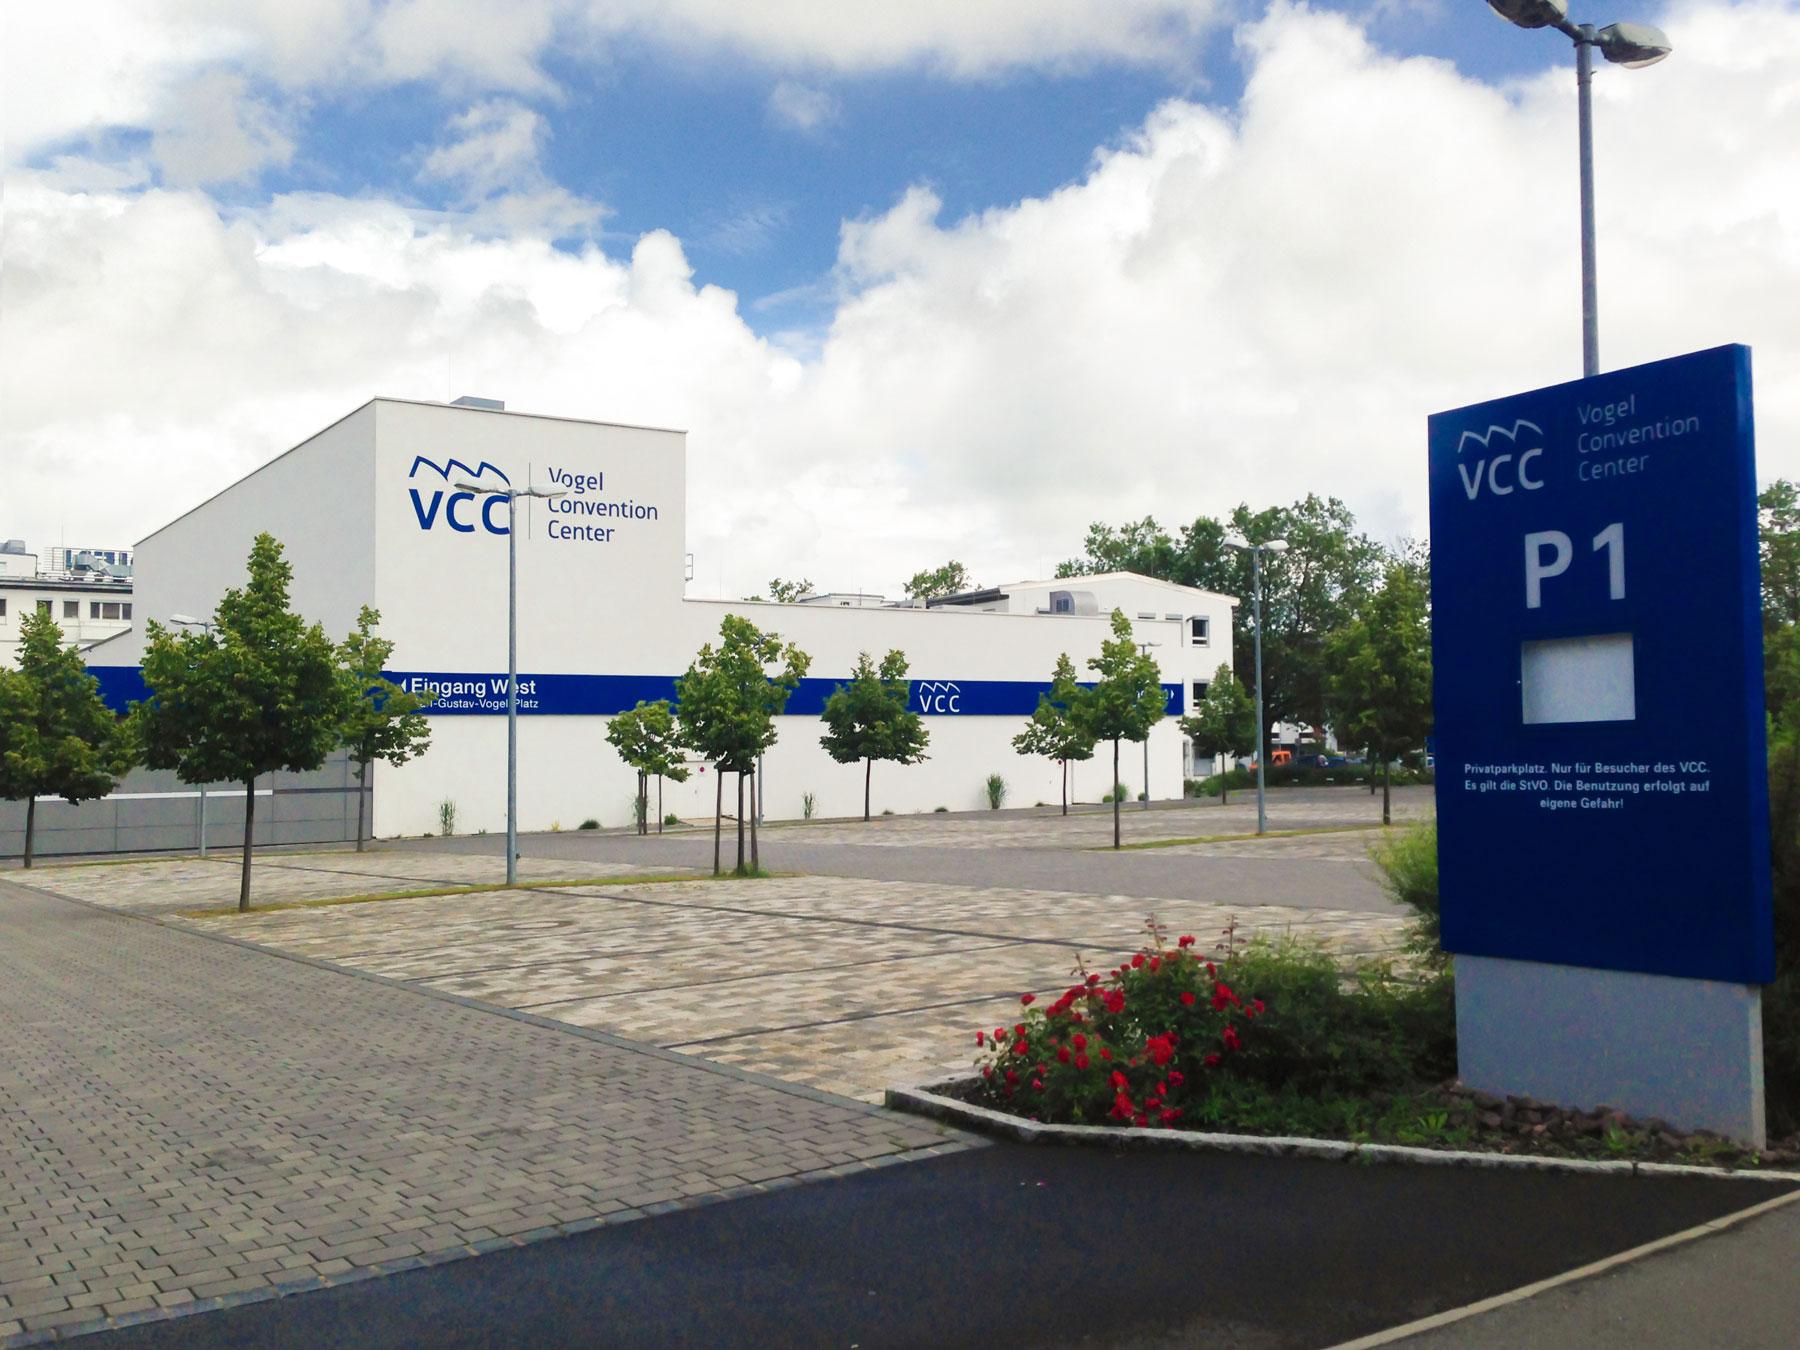 Parkplatz_P1_VCC